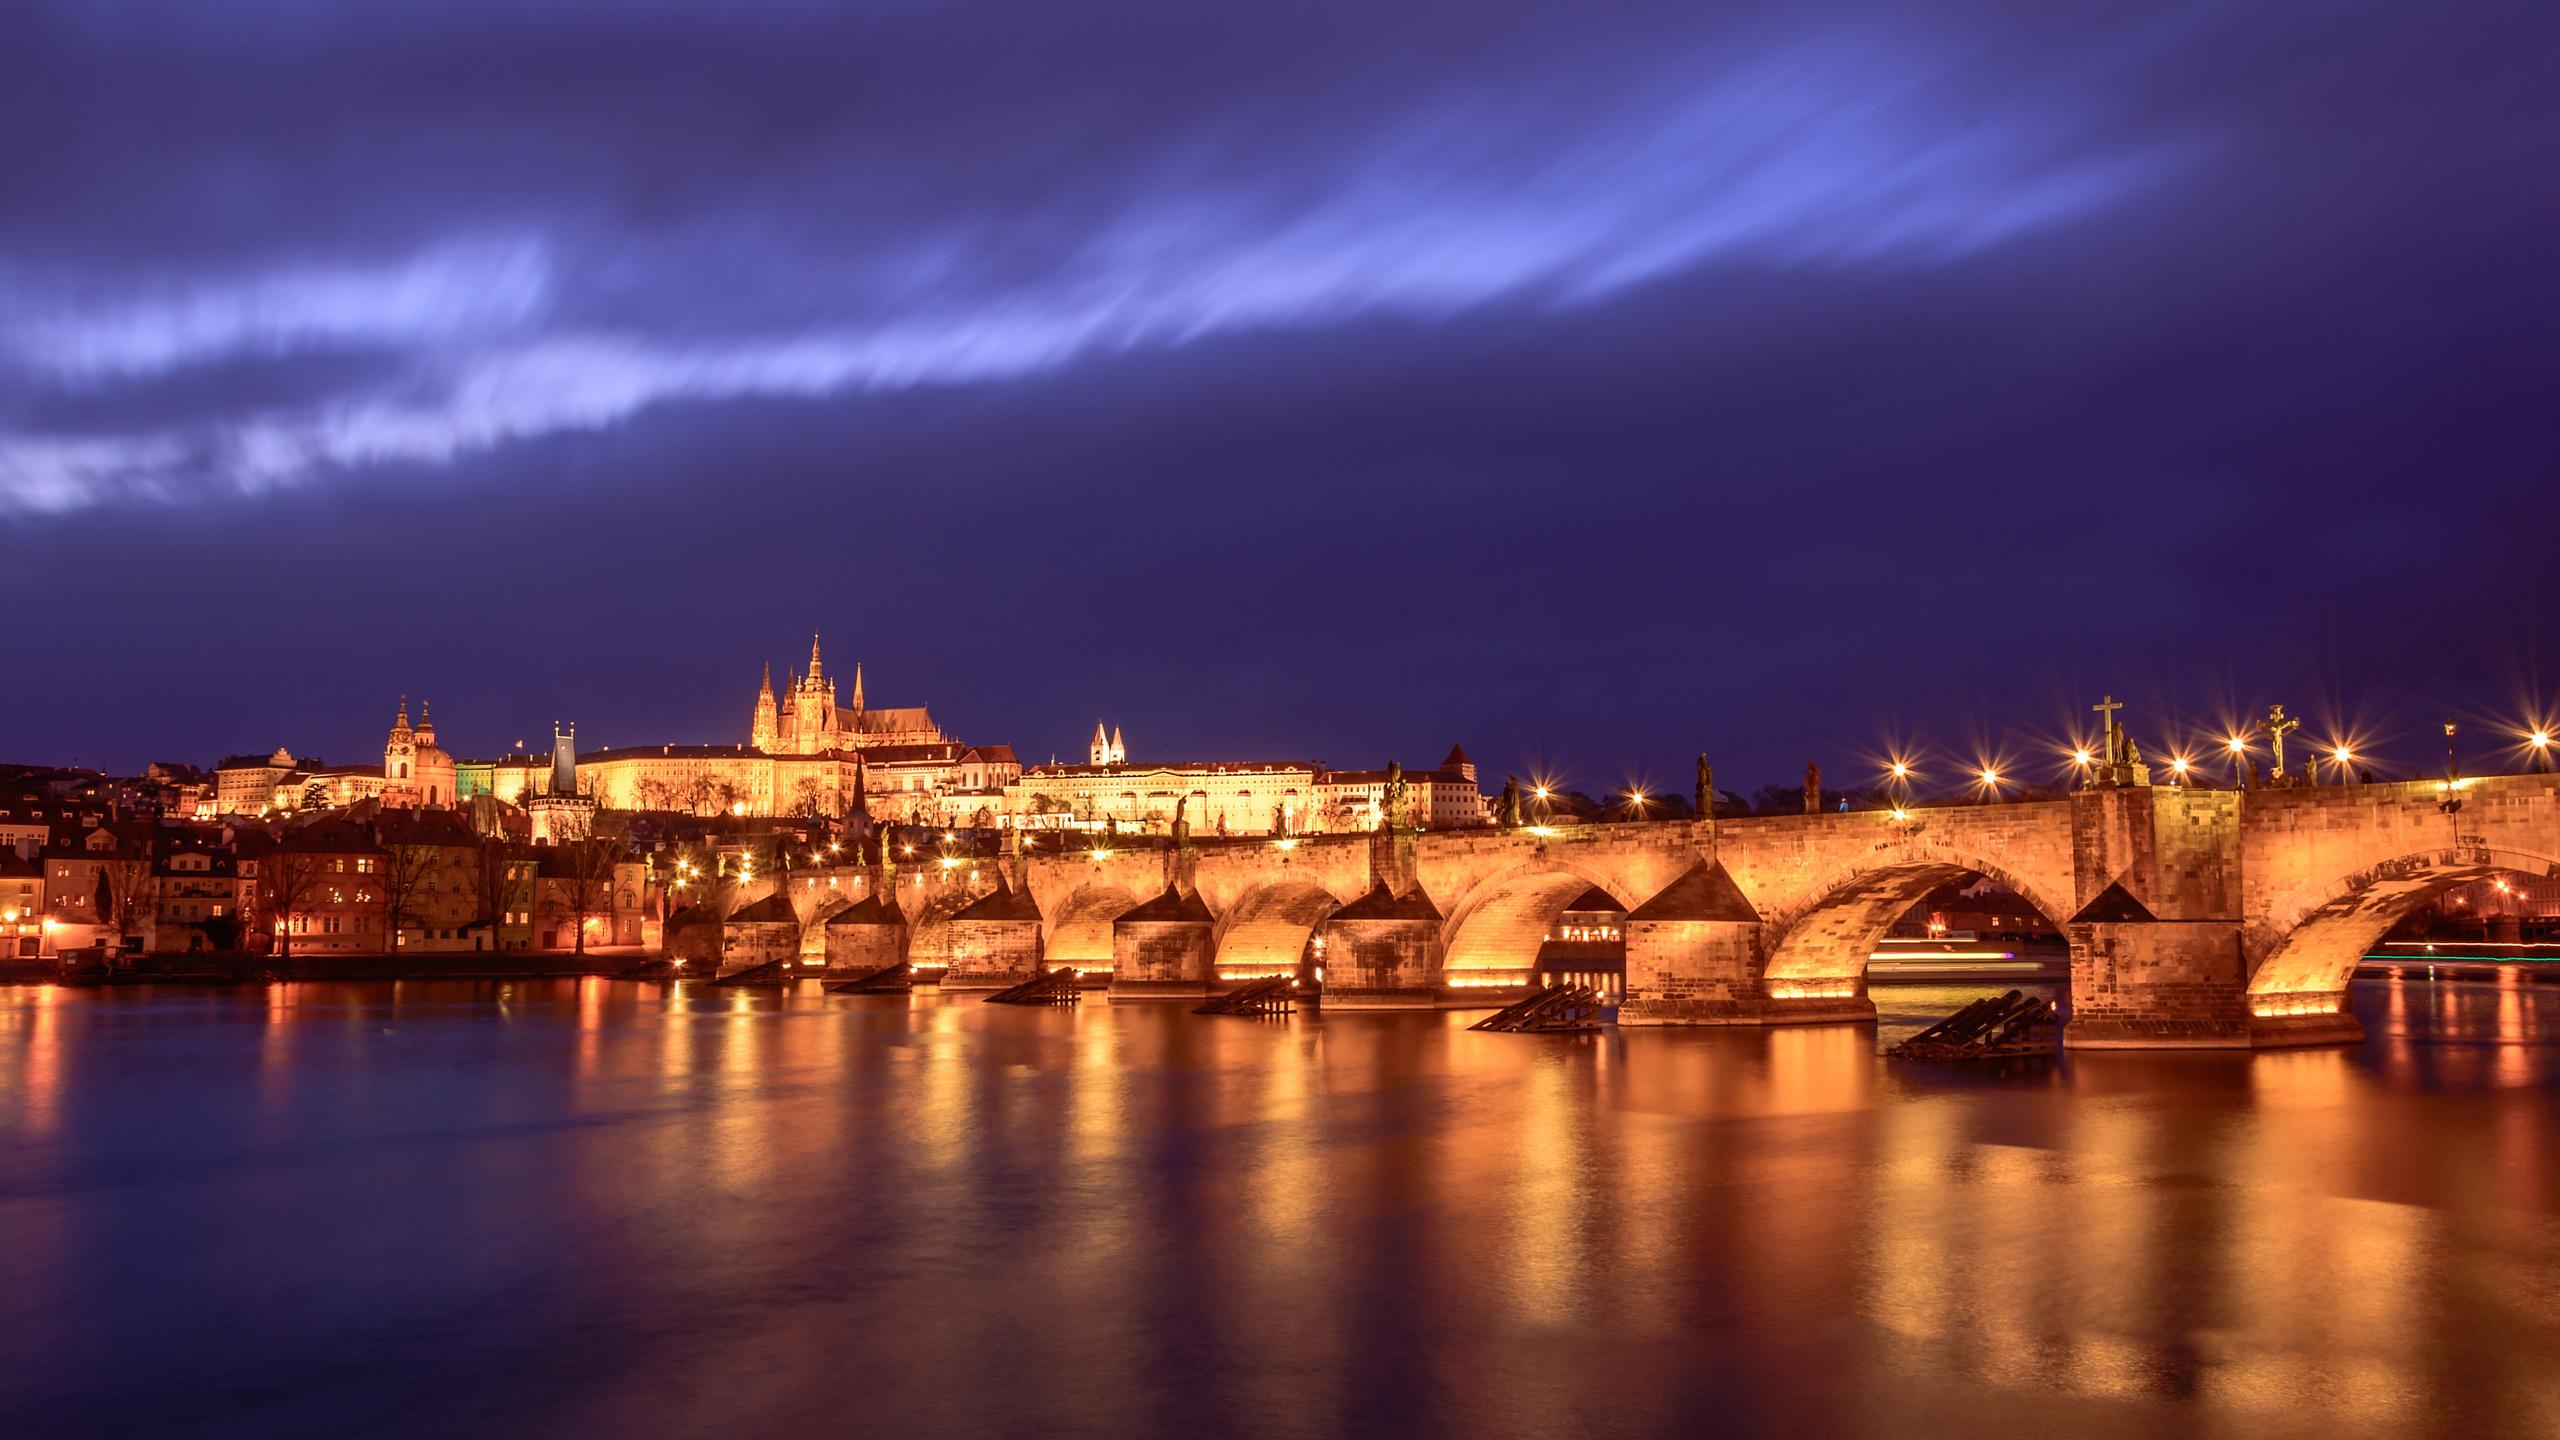 прага, карлов мост, мост, башня, закат, вечер, сумерки, город, европа, небо, вода, река, влтава, свет